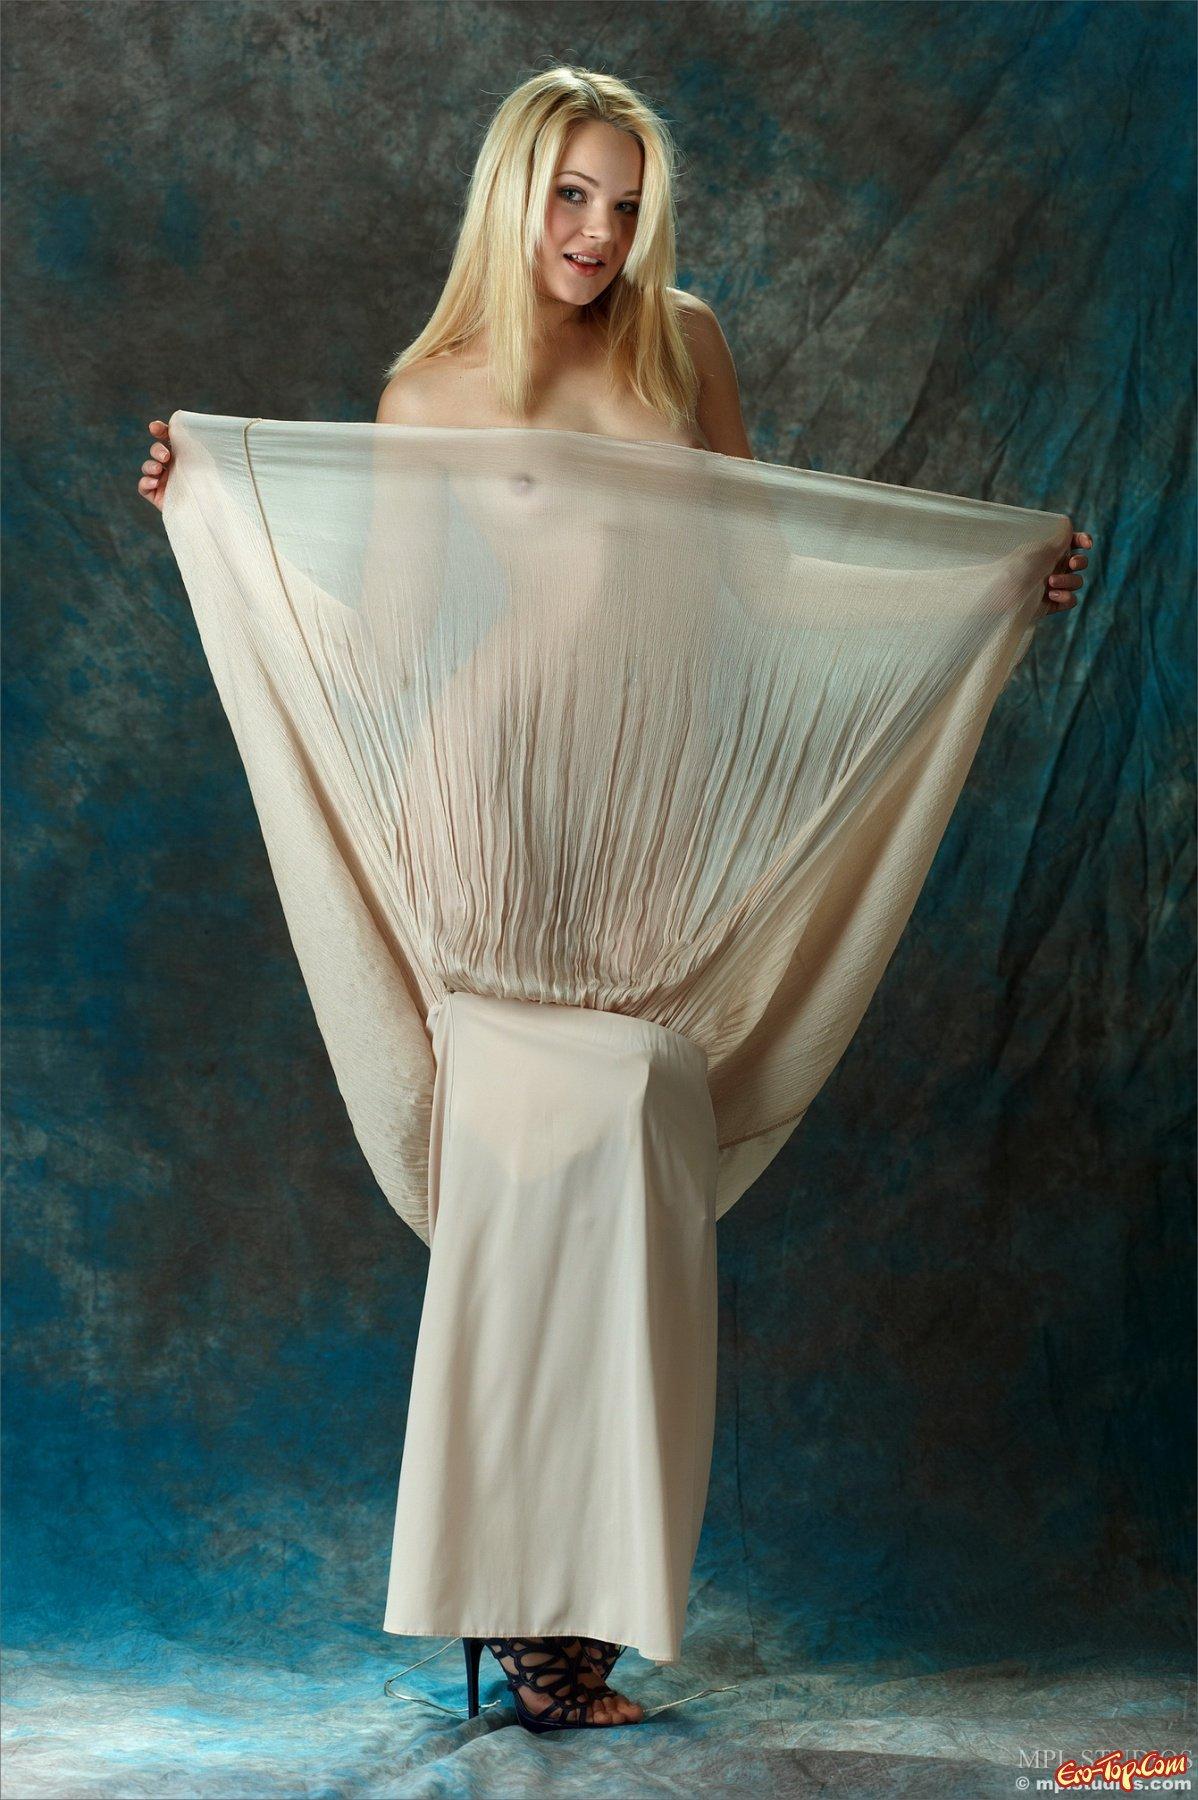 Talia красивая и голая